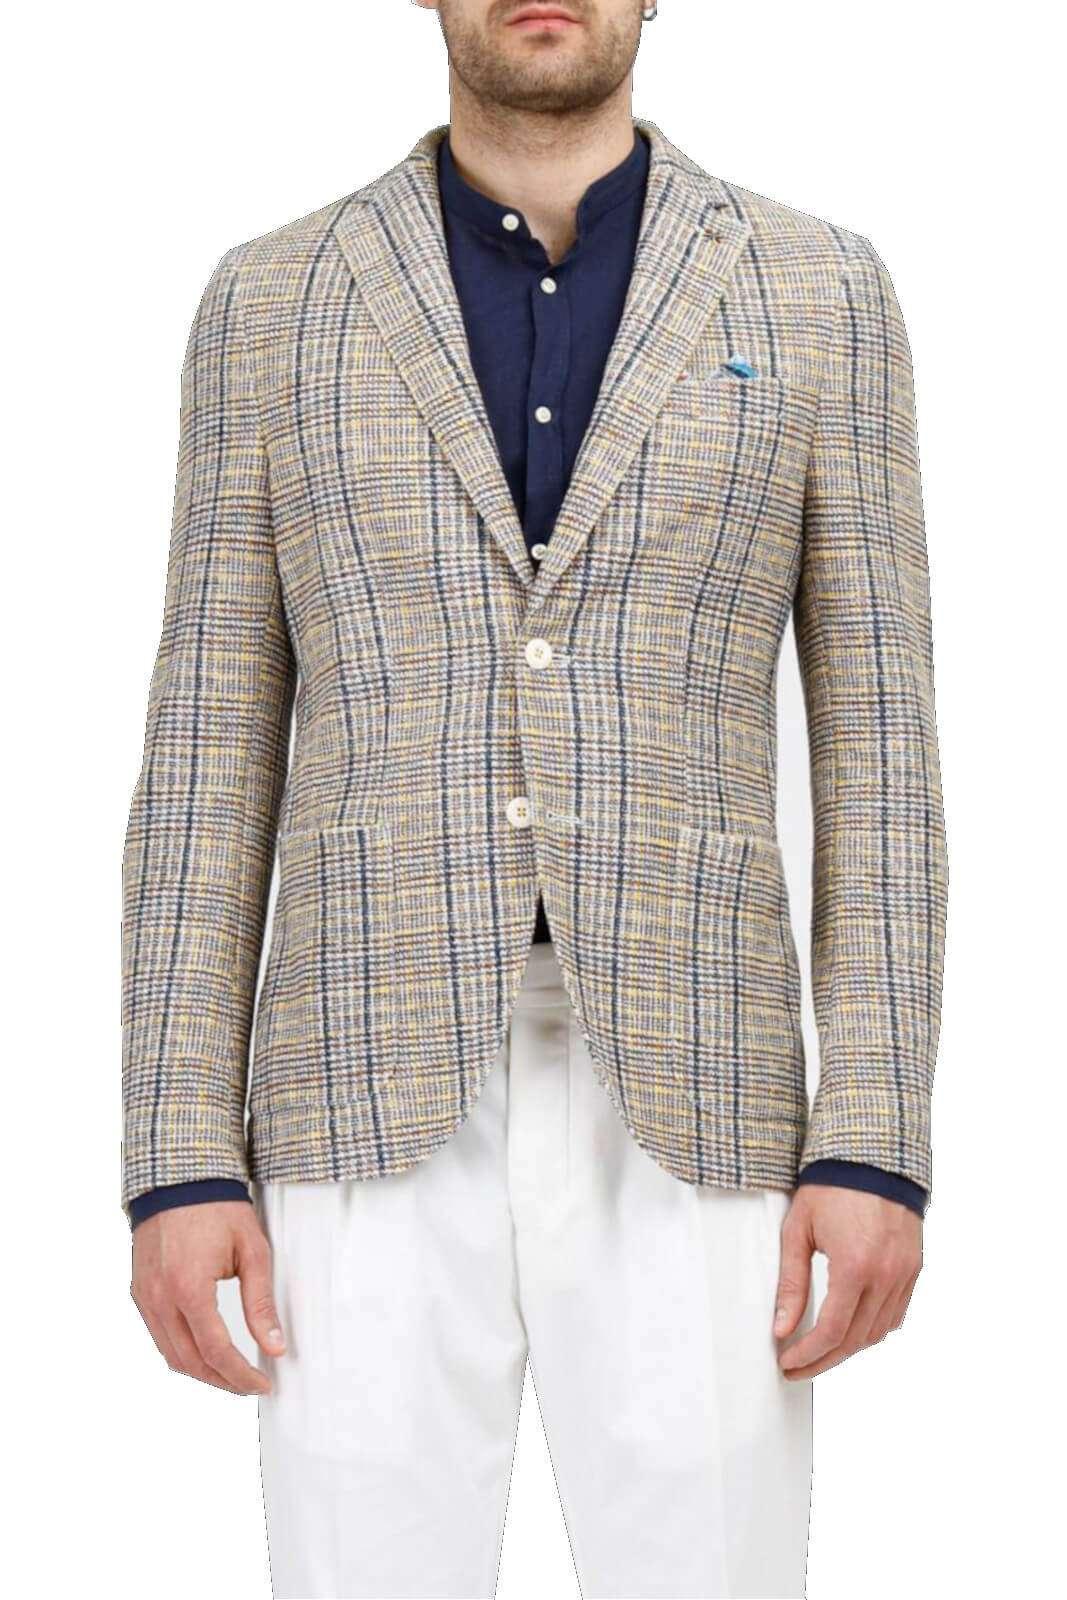 Elegante e moderna, questa giacca uomo firmata Manuel Ritz. Perfetta per cerimonie, e altre occasioni fashion, dove indossata con una camicia e pantalone, renderà ogni outfit unico ed impeccabile.